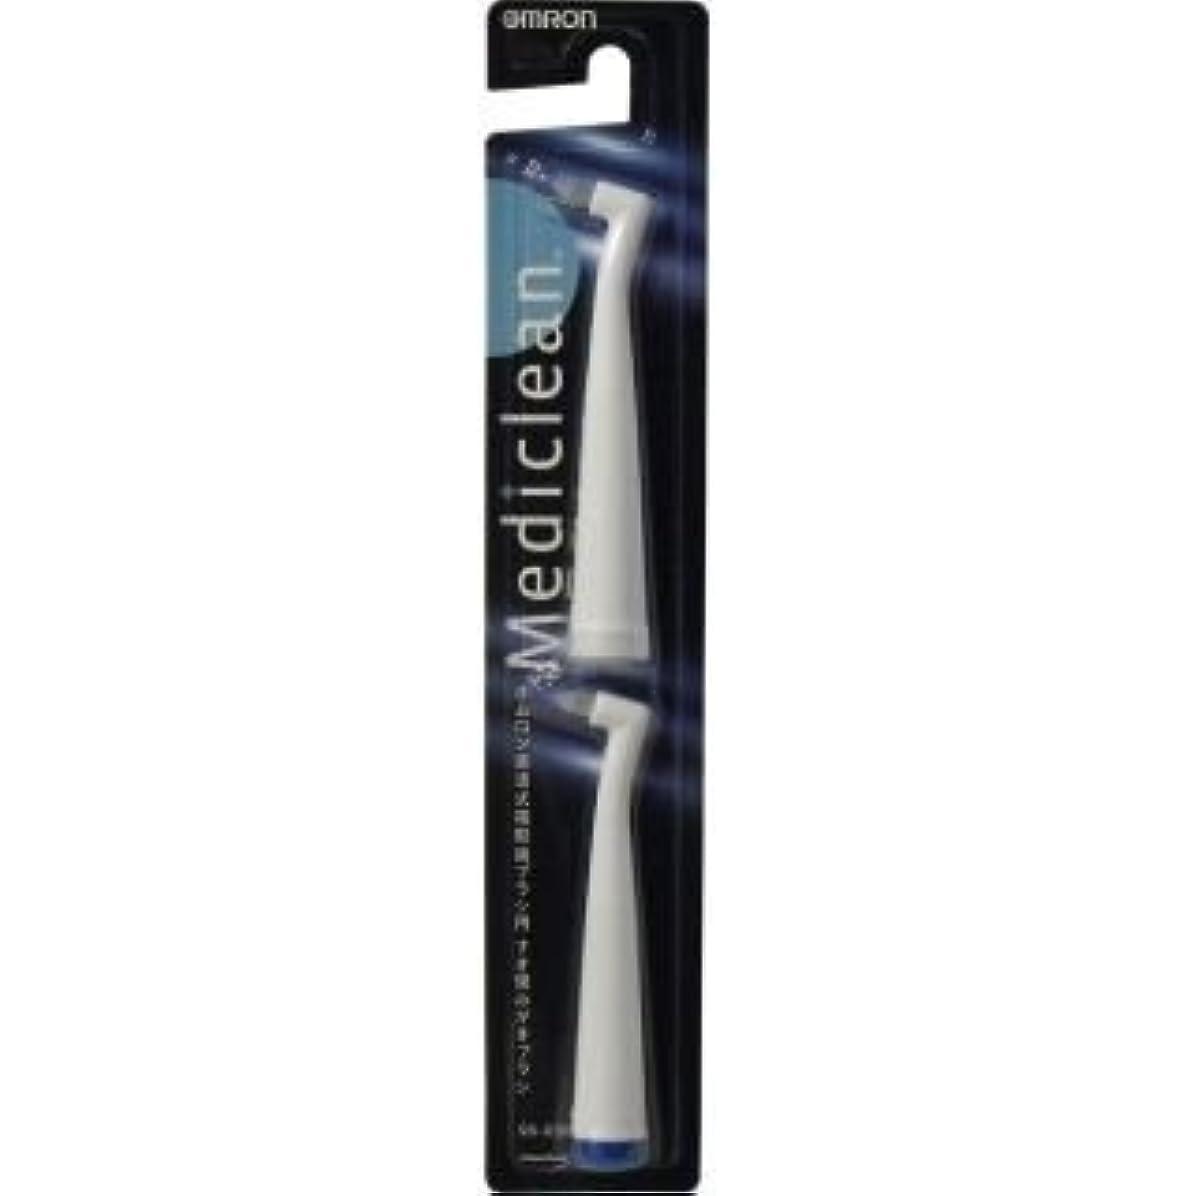 空気毎週アラブサラボオムロン音波式電動歯ブラシ専用の替ブラシです!オムロン 音波式電動歯ブラシ用 すき間みがきブラシ 2個入 SB-090